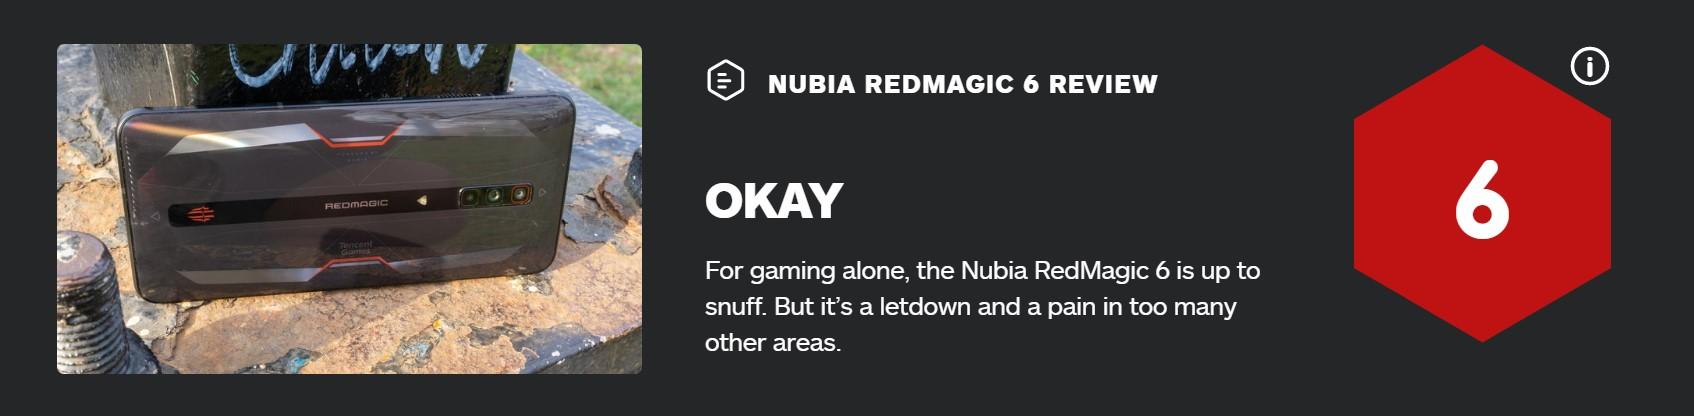 腾讯红魔游戏手机6 IGN 6分:游戏很强 其他拉胯